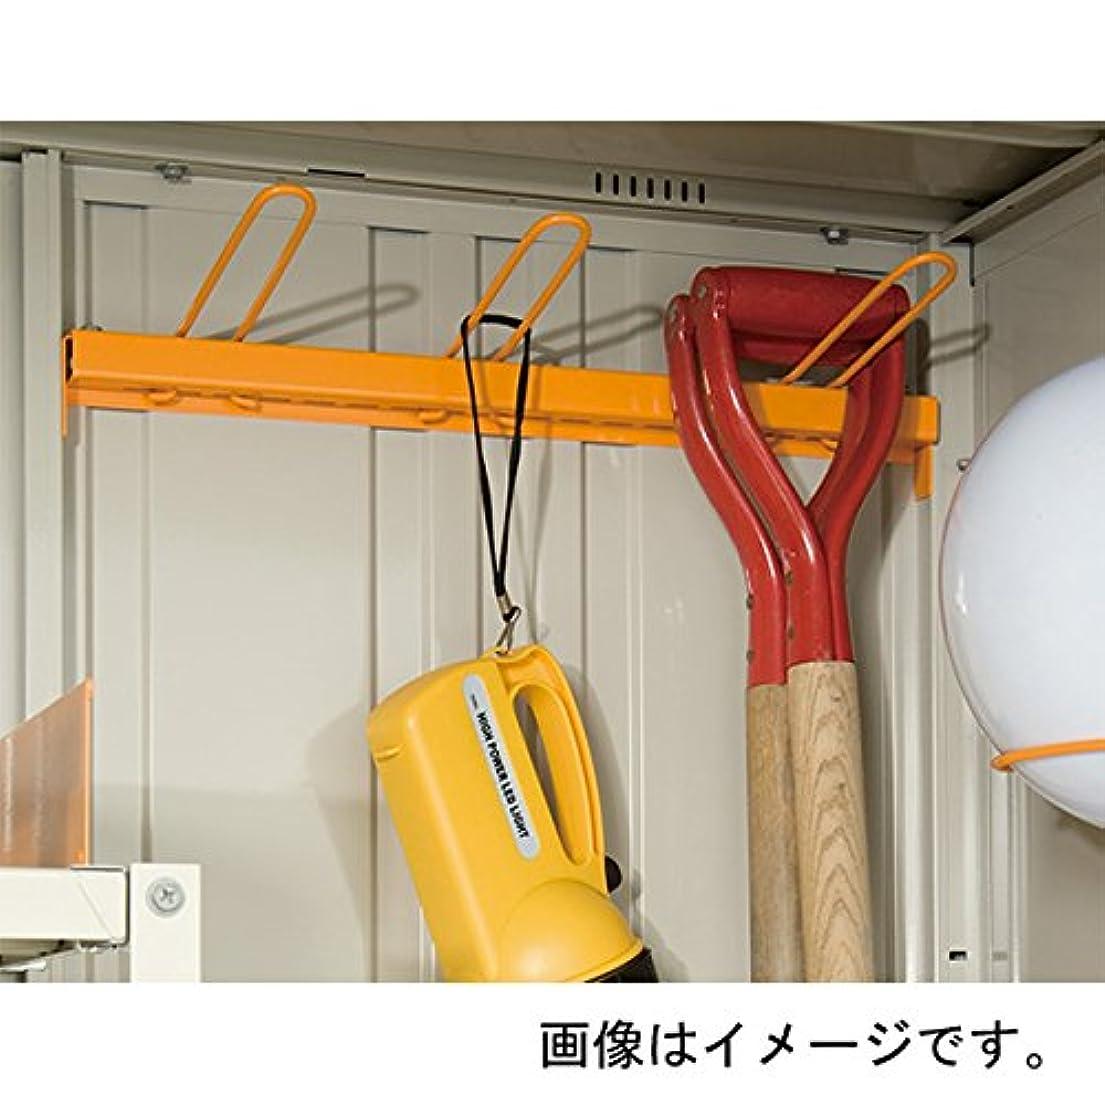 大騒ぎ再集計ふつう田窪工業所 タクボ物置 オプション 吊下げフック 壁パネル21用 TY-FR21